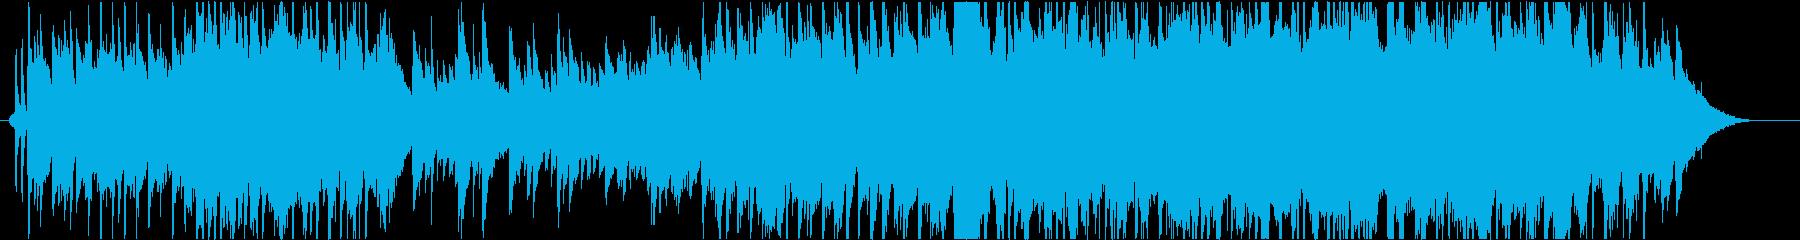 ピアノ主体のエンディング映像向きバラードの再生済みの波形